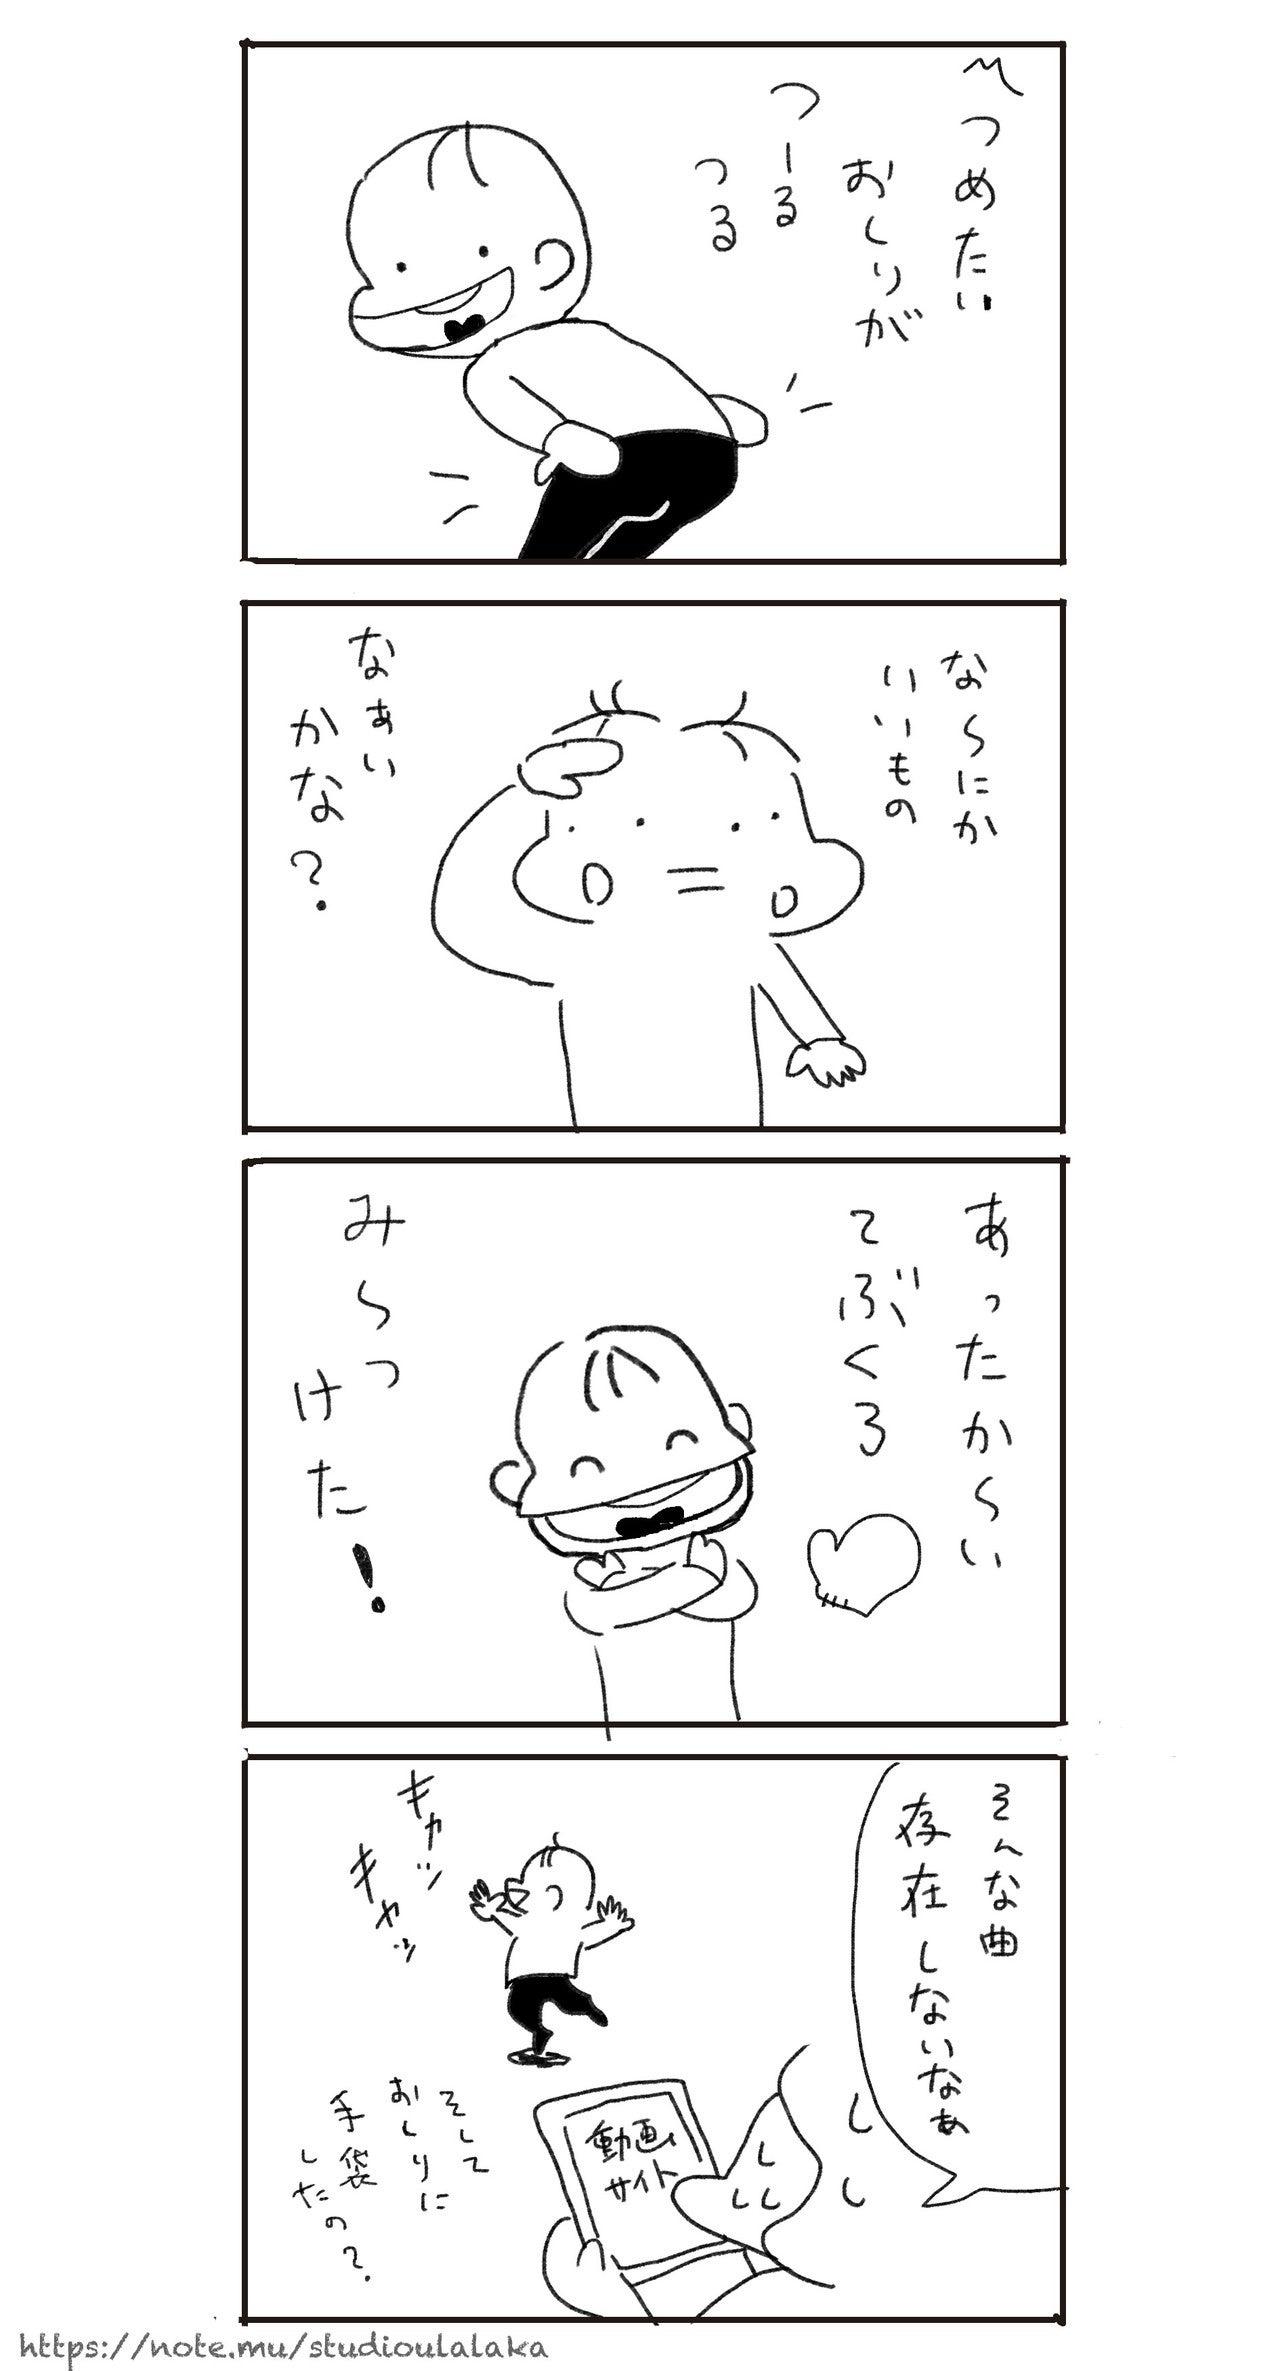 お尻-クレジット